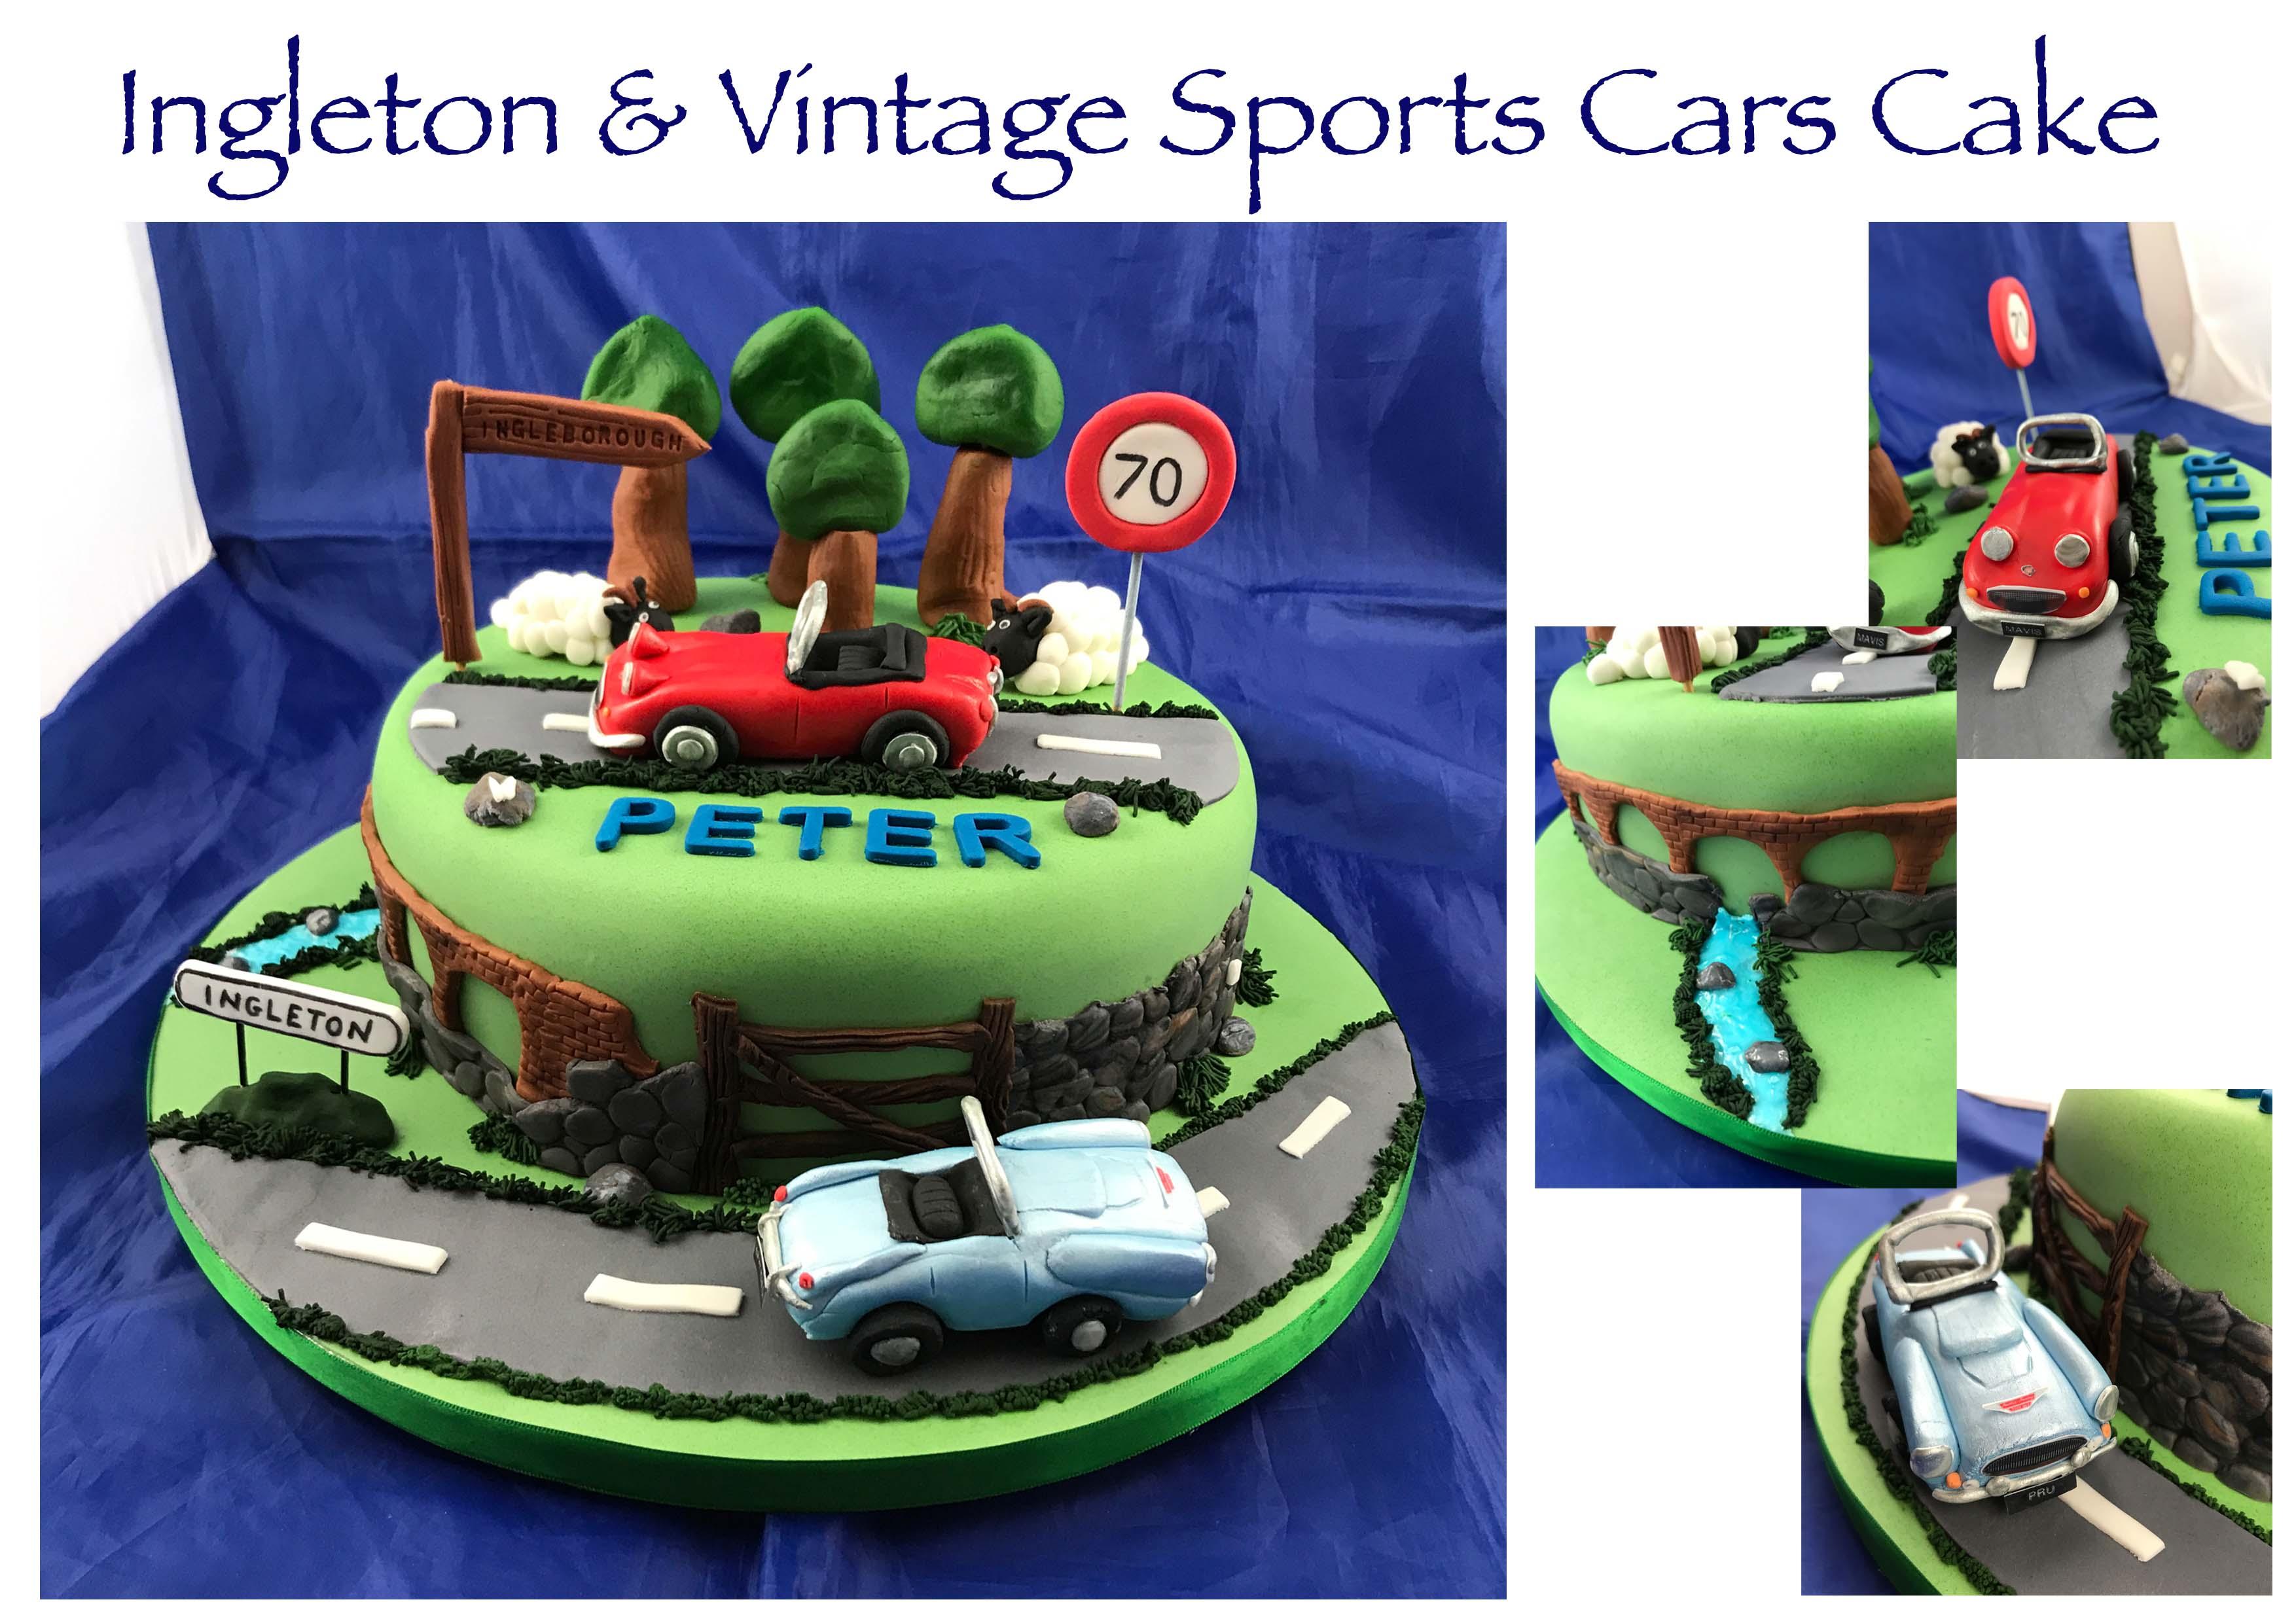 Ingleton & Vintage Sports Cars Cake